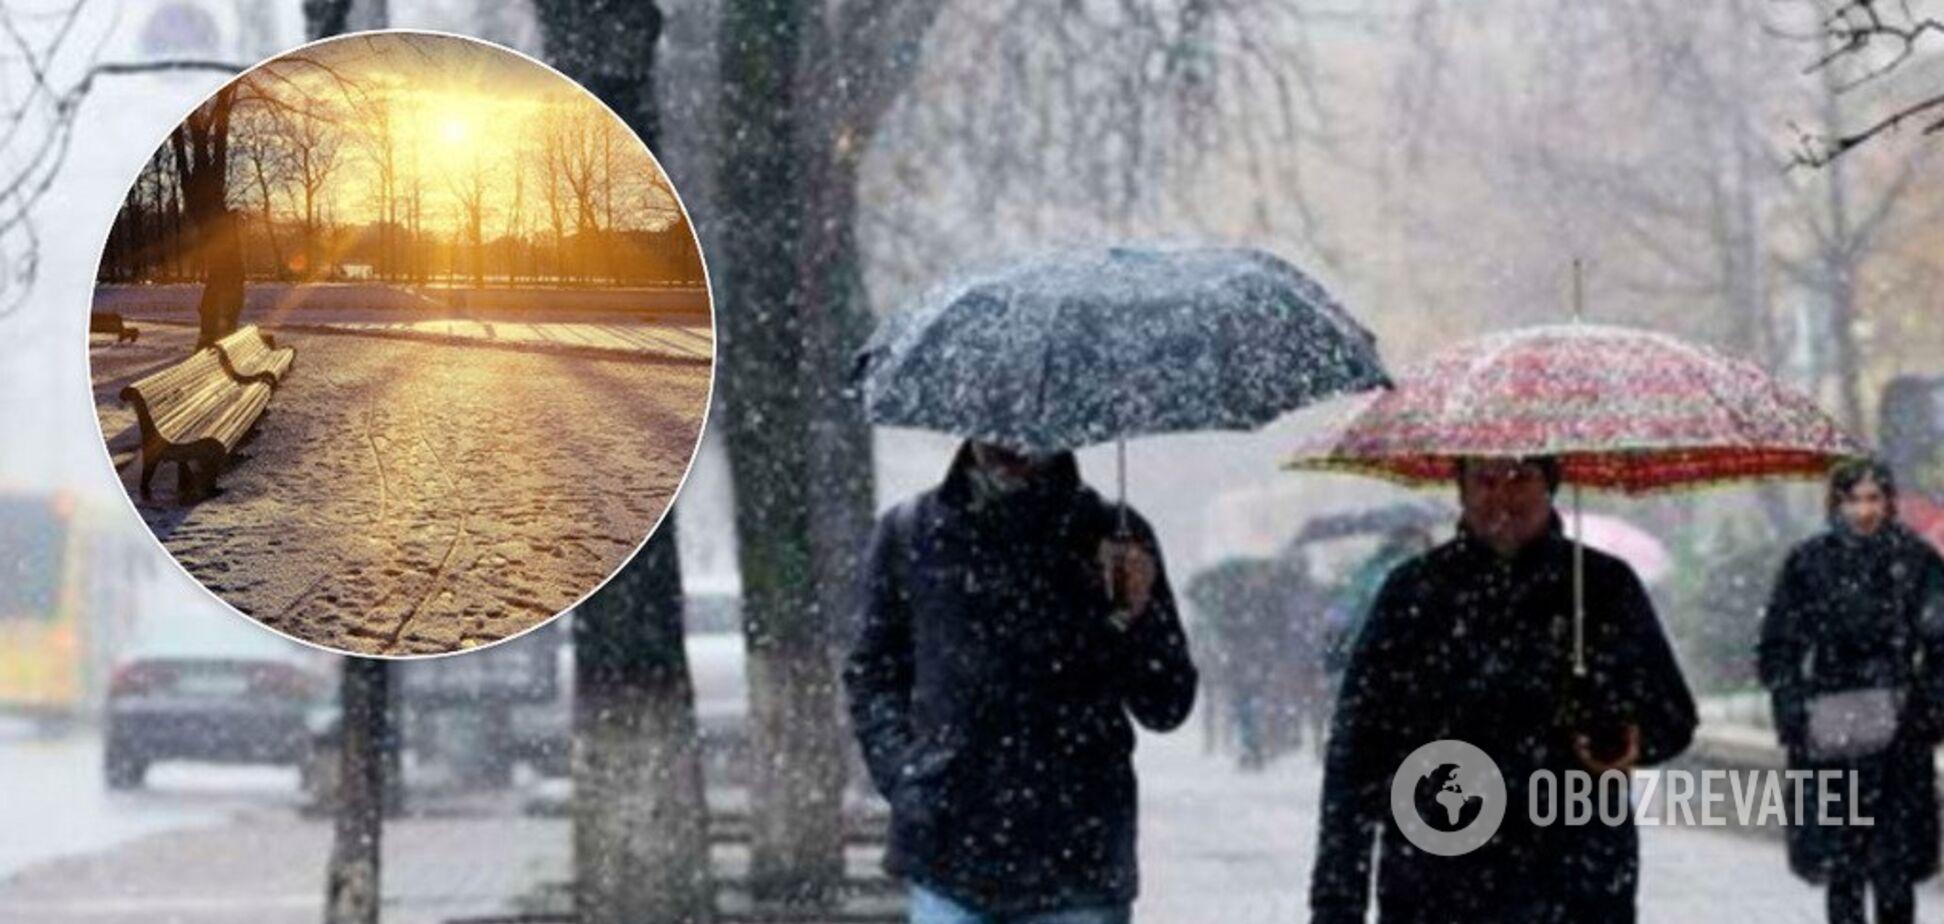 Мокро, але тепло: синоптикиня дала прогноз на останній день січня по Україні